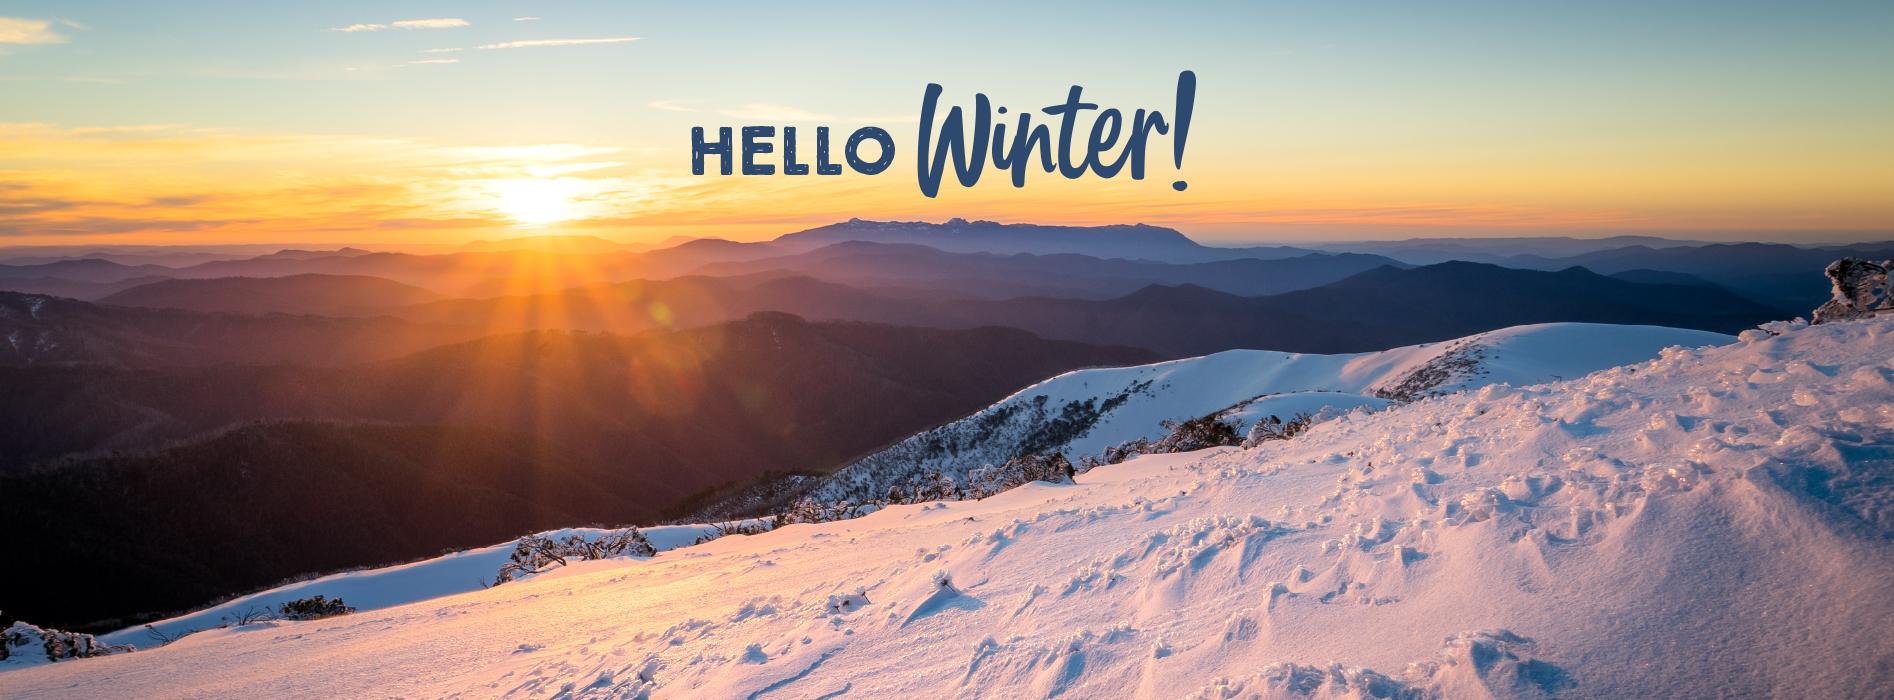 Winter in Bright Victoria Holiday COVID-19 Coronavirus